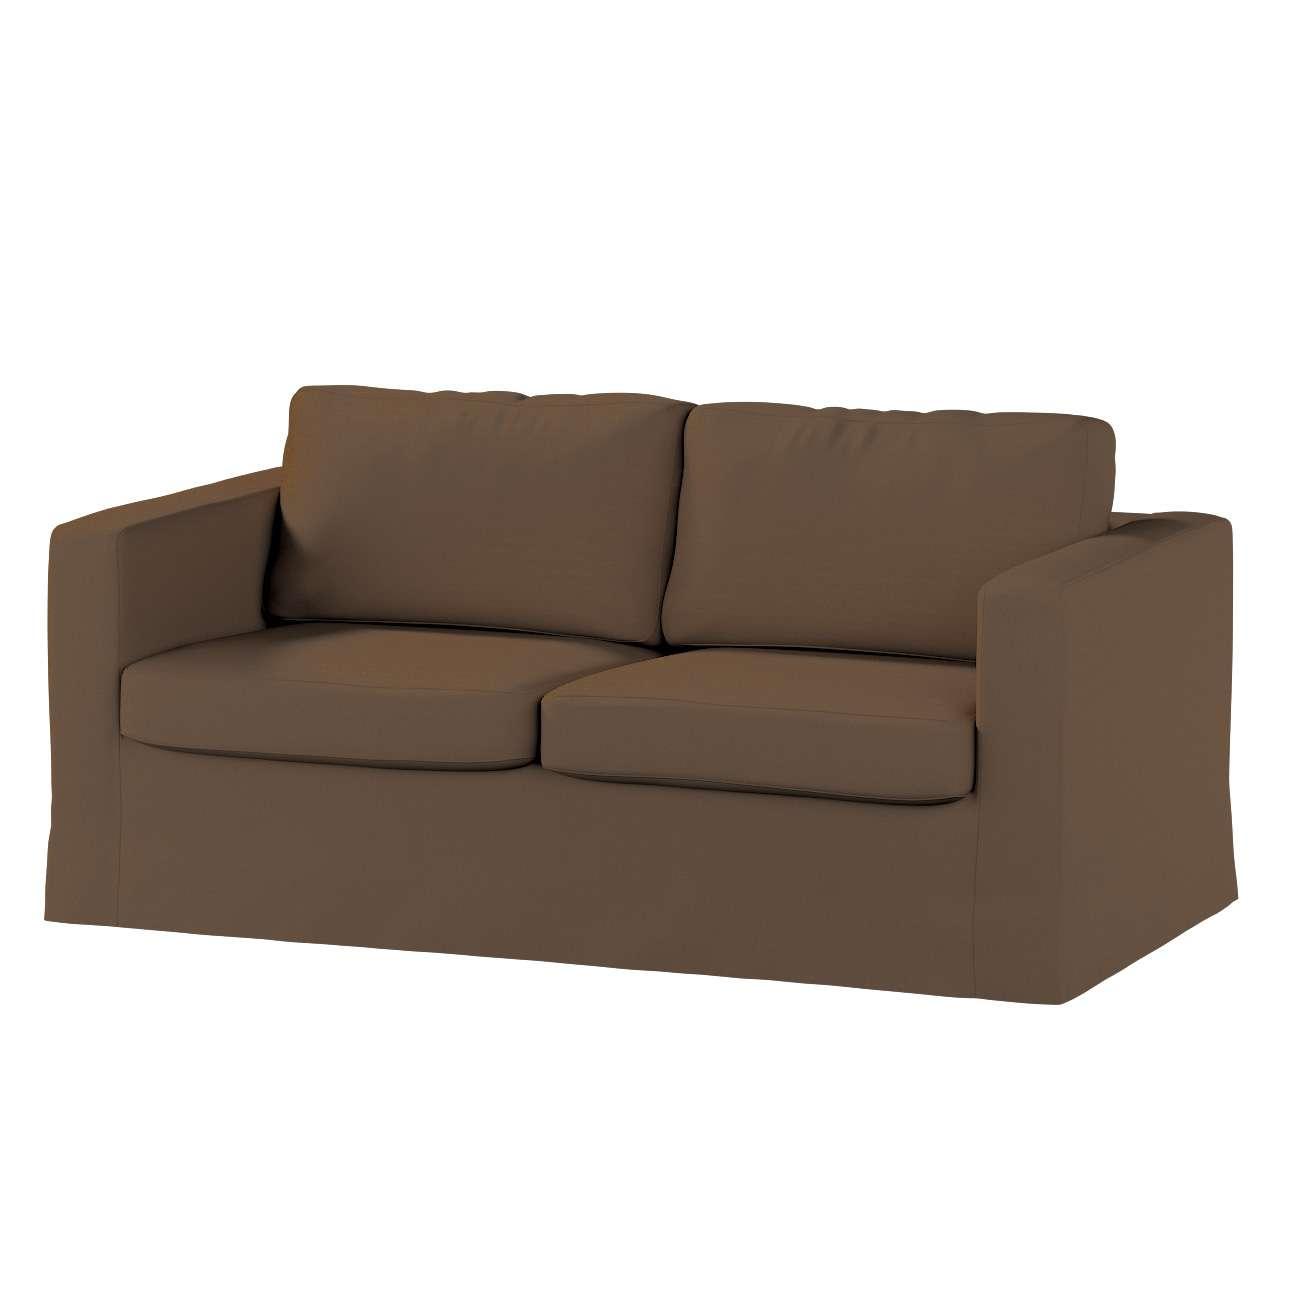 Pokrowiec na sofę Karlstad 2-osobową nierozkładaną długi Sofa Karlstad 2-osobowa w kolekcji Cotton Panama, tkanina: 702-02